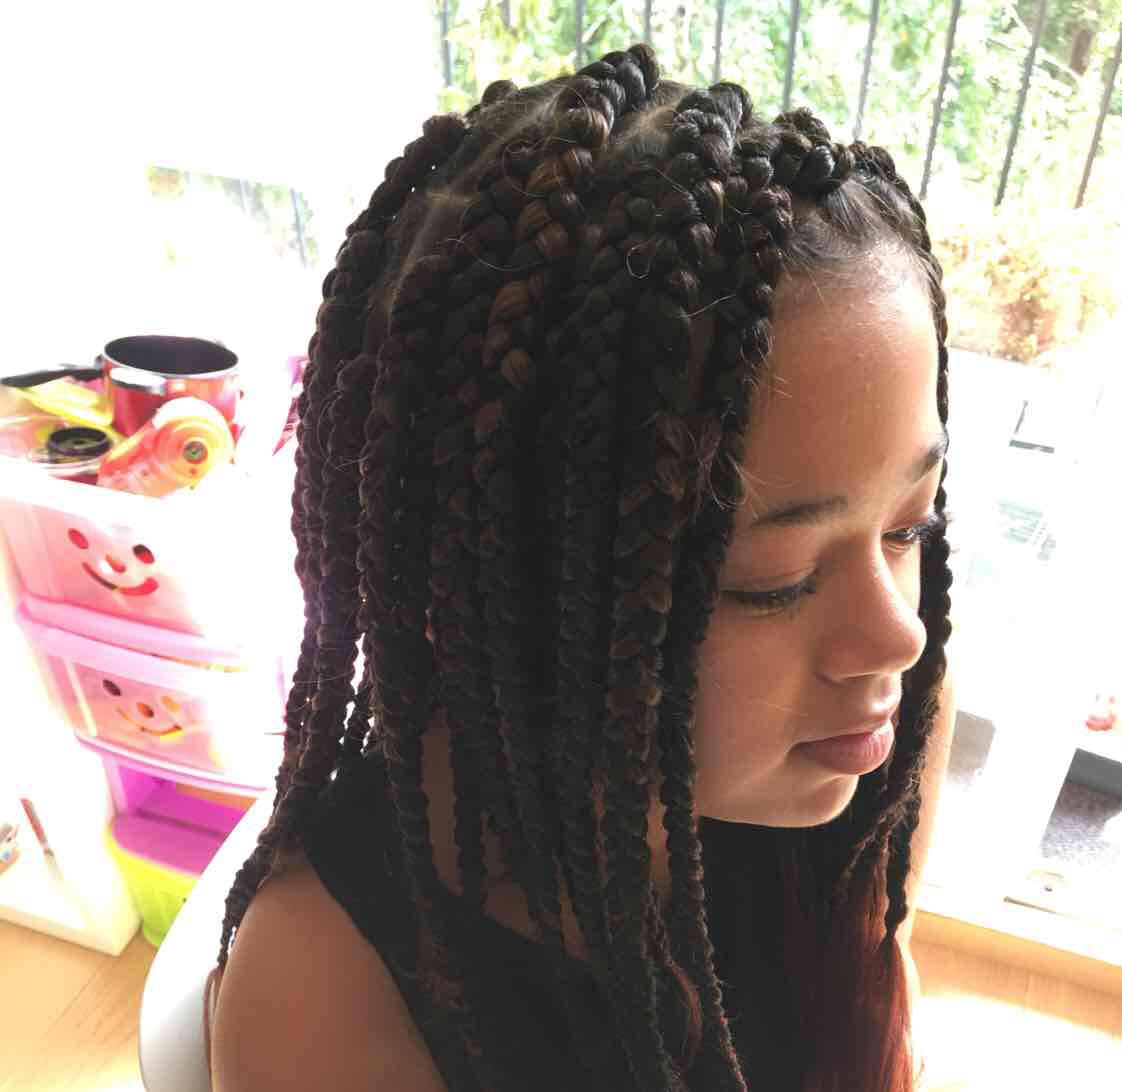 salon de coiffure afro tresse tresses box braids crochet braids vanilles tissages paris 75 77 78 91 92 93 94 95 KUJAGBAM